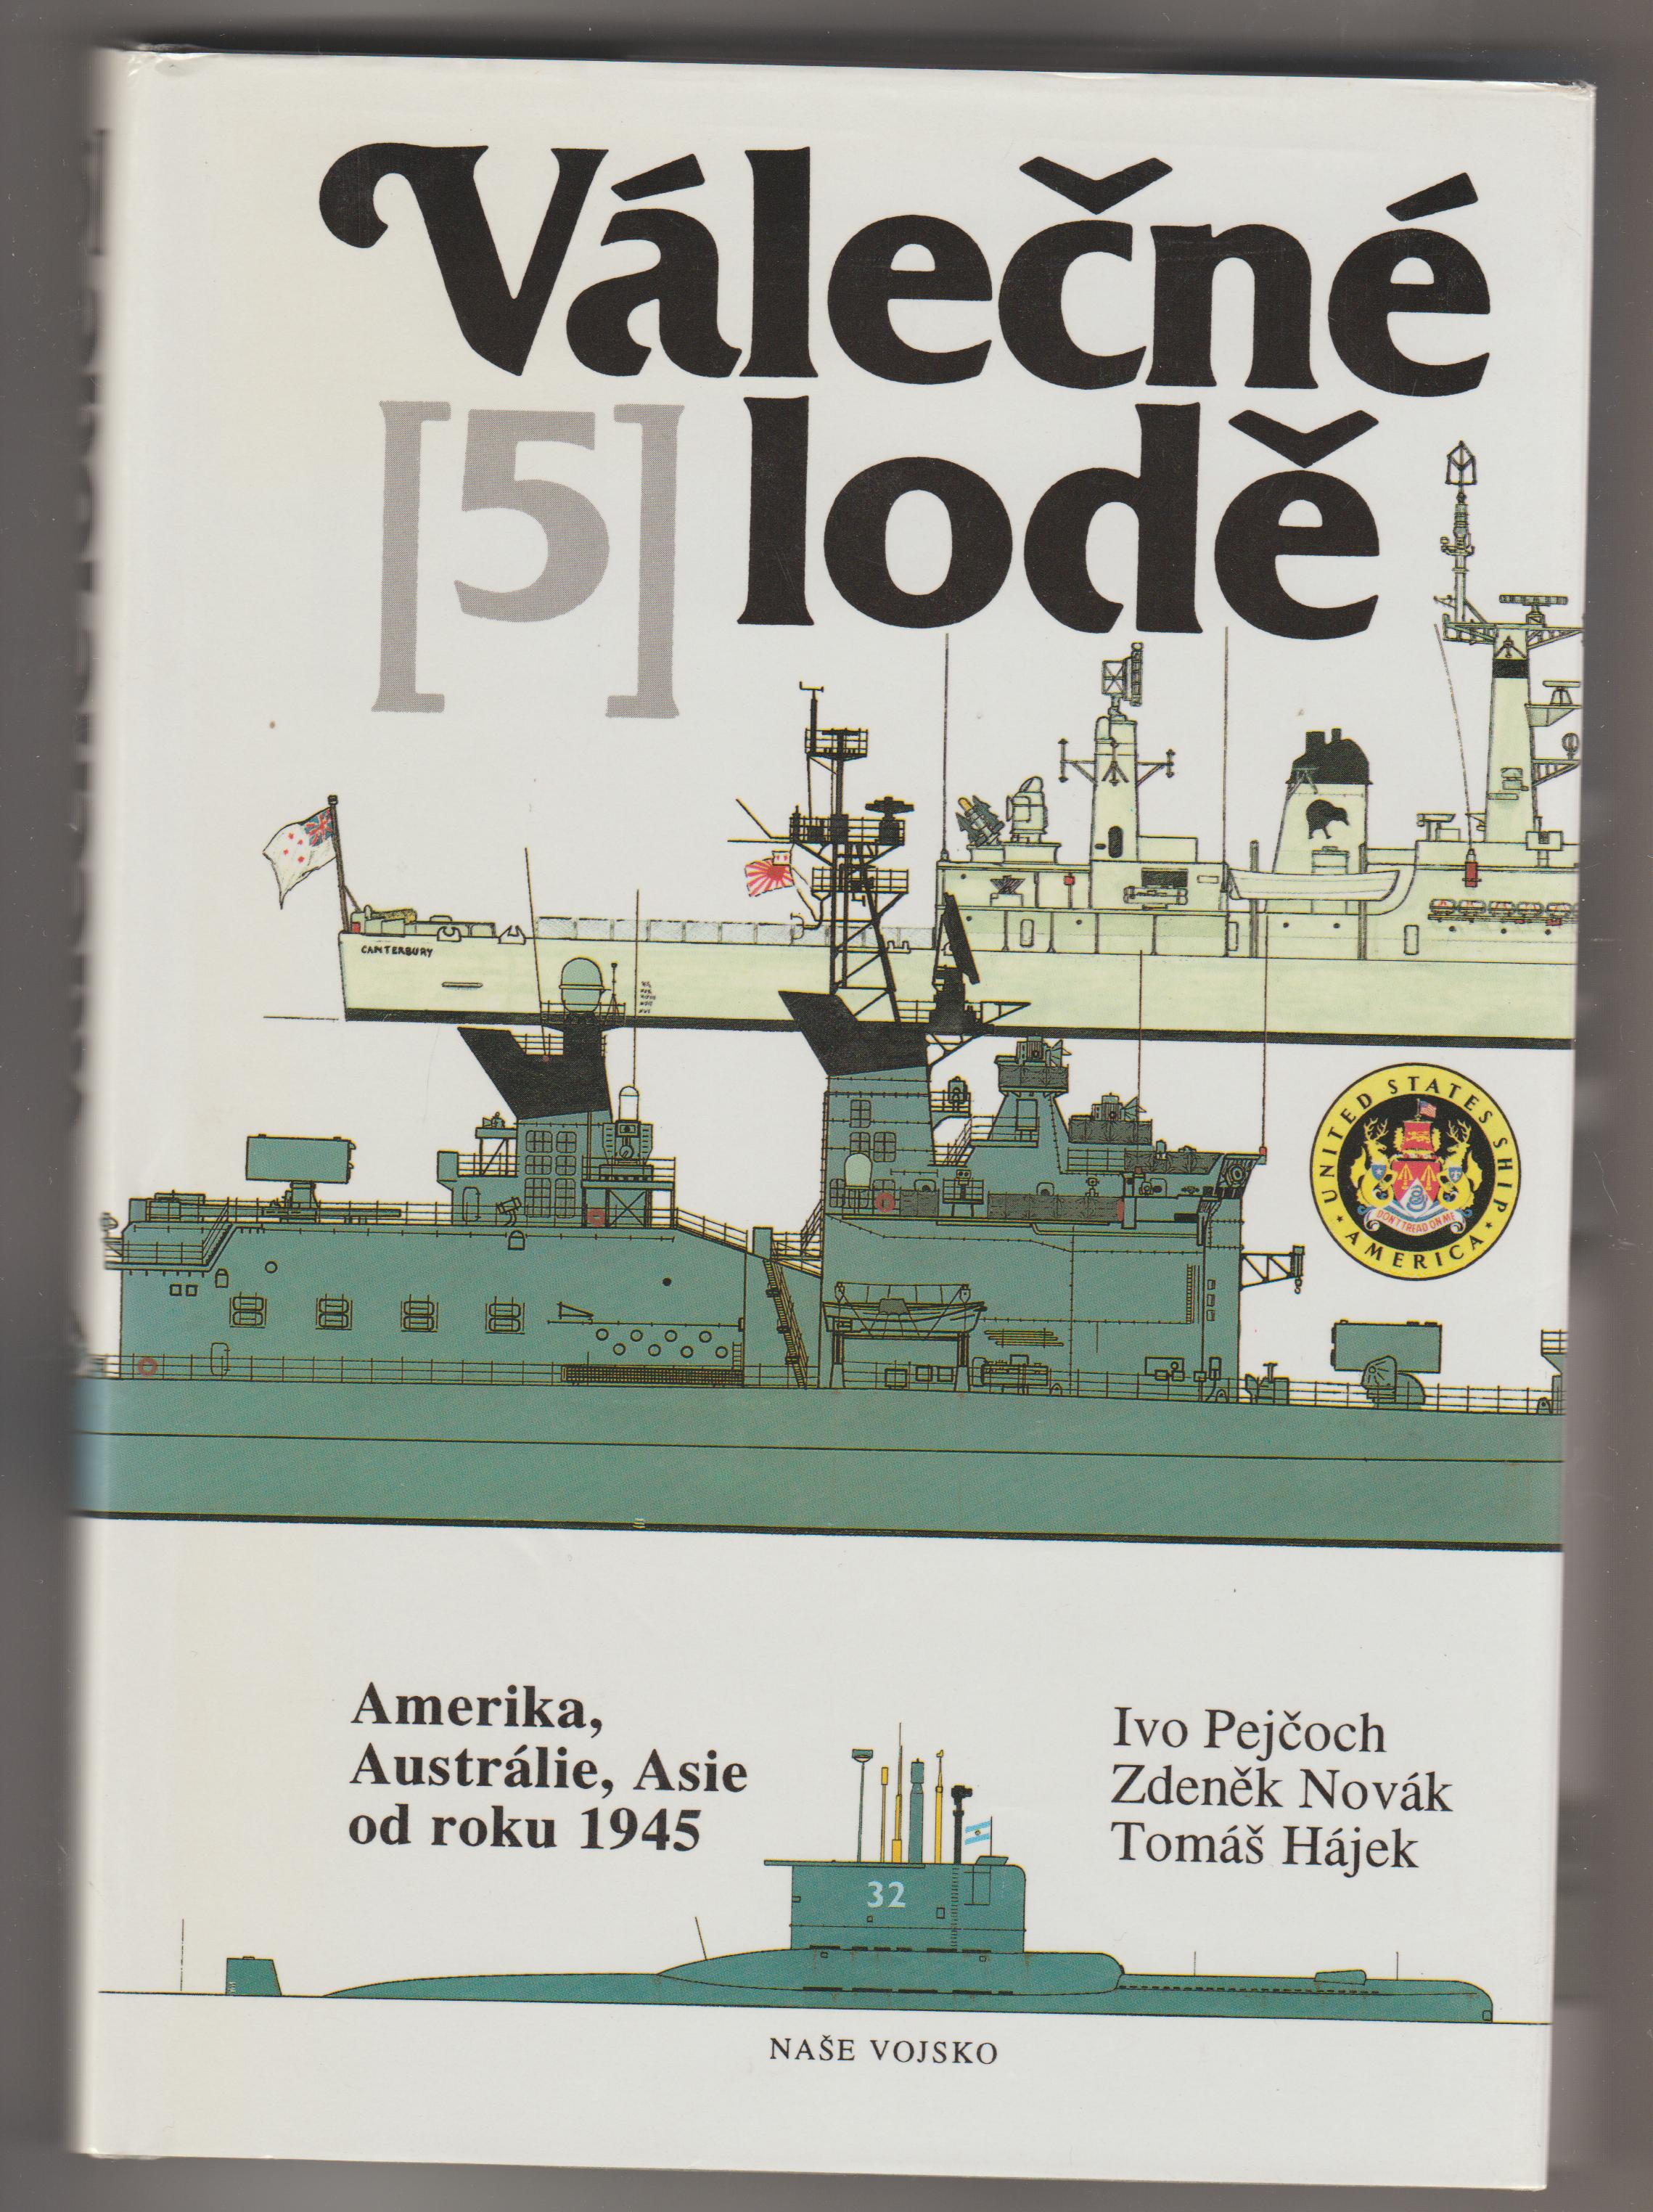 Válečné lodě - Ivo Pejčoch, Zdeněk Novák, Tomáš Hájek